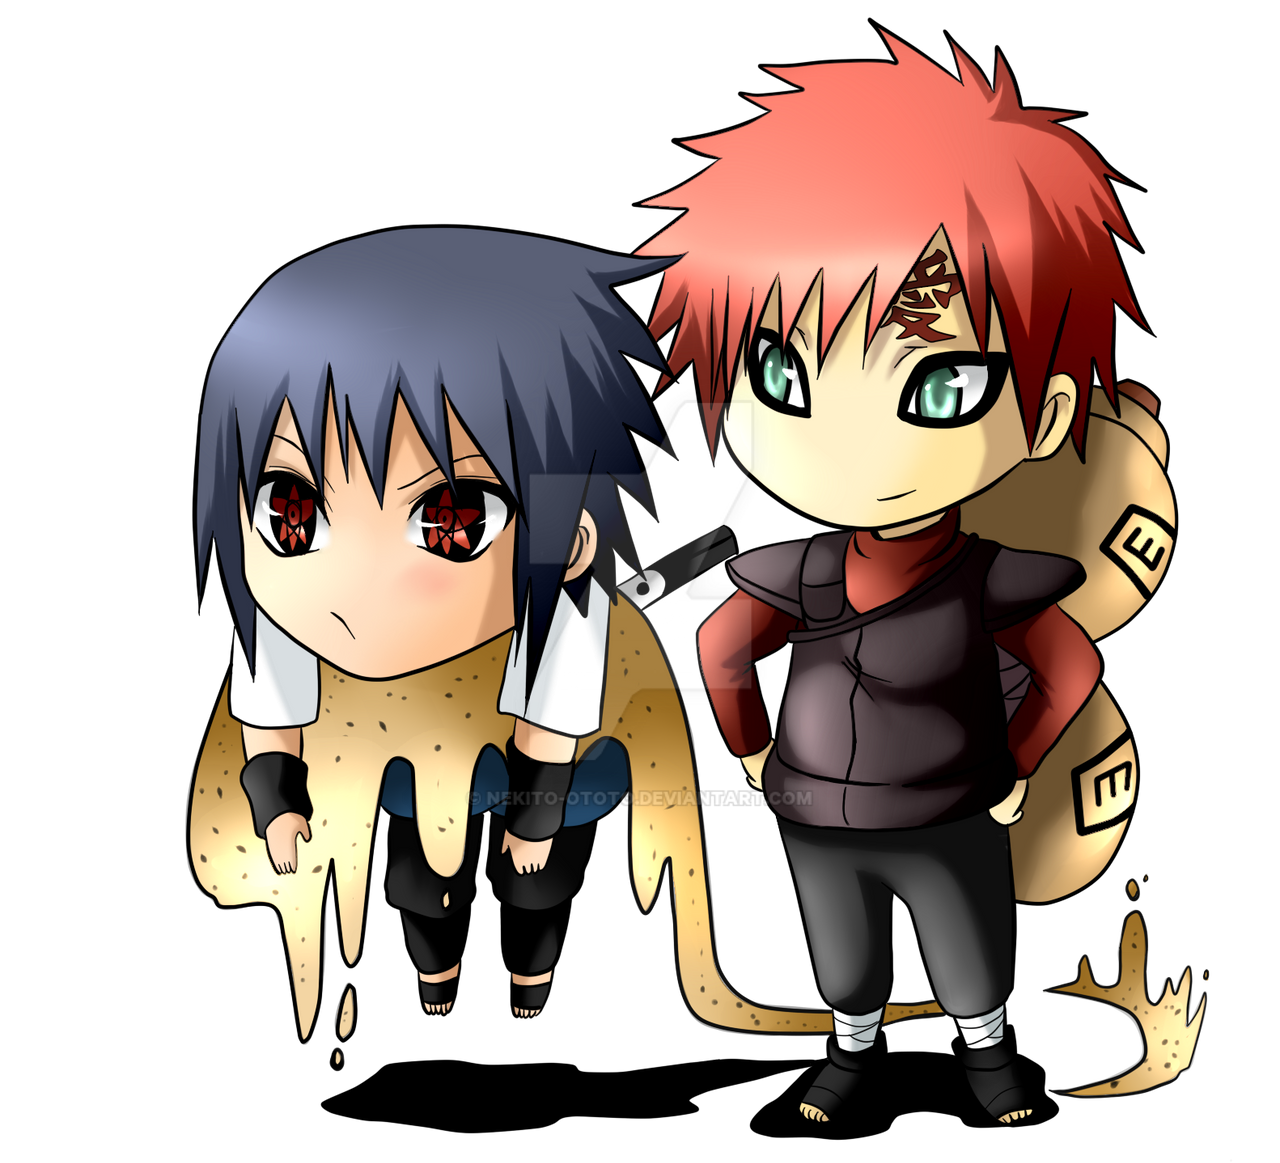 Sasuke and Gaara chibi x3 by nekito-ototo on DeviantArt Gaara Chibi